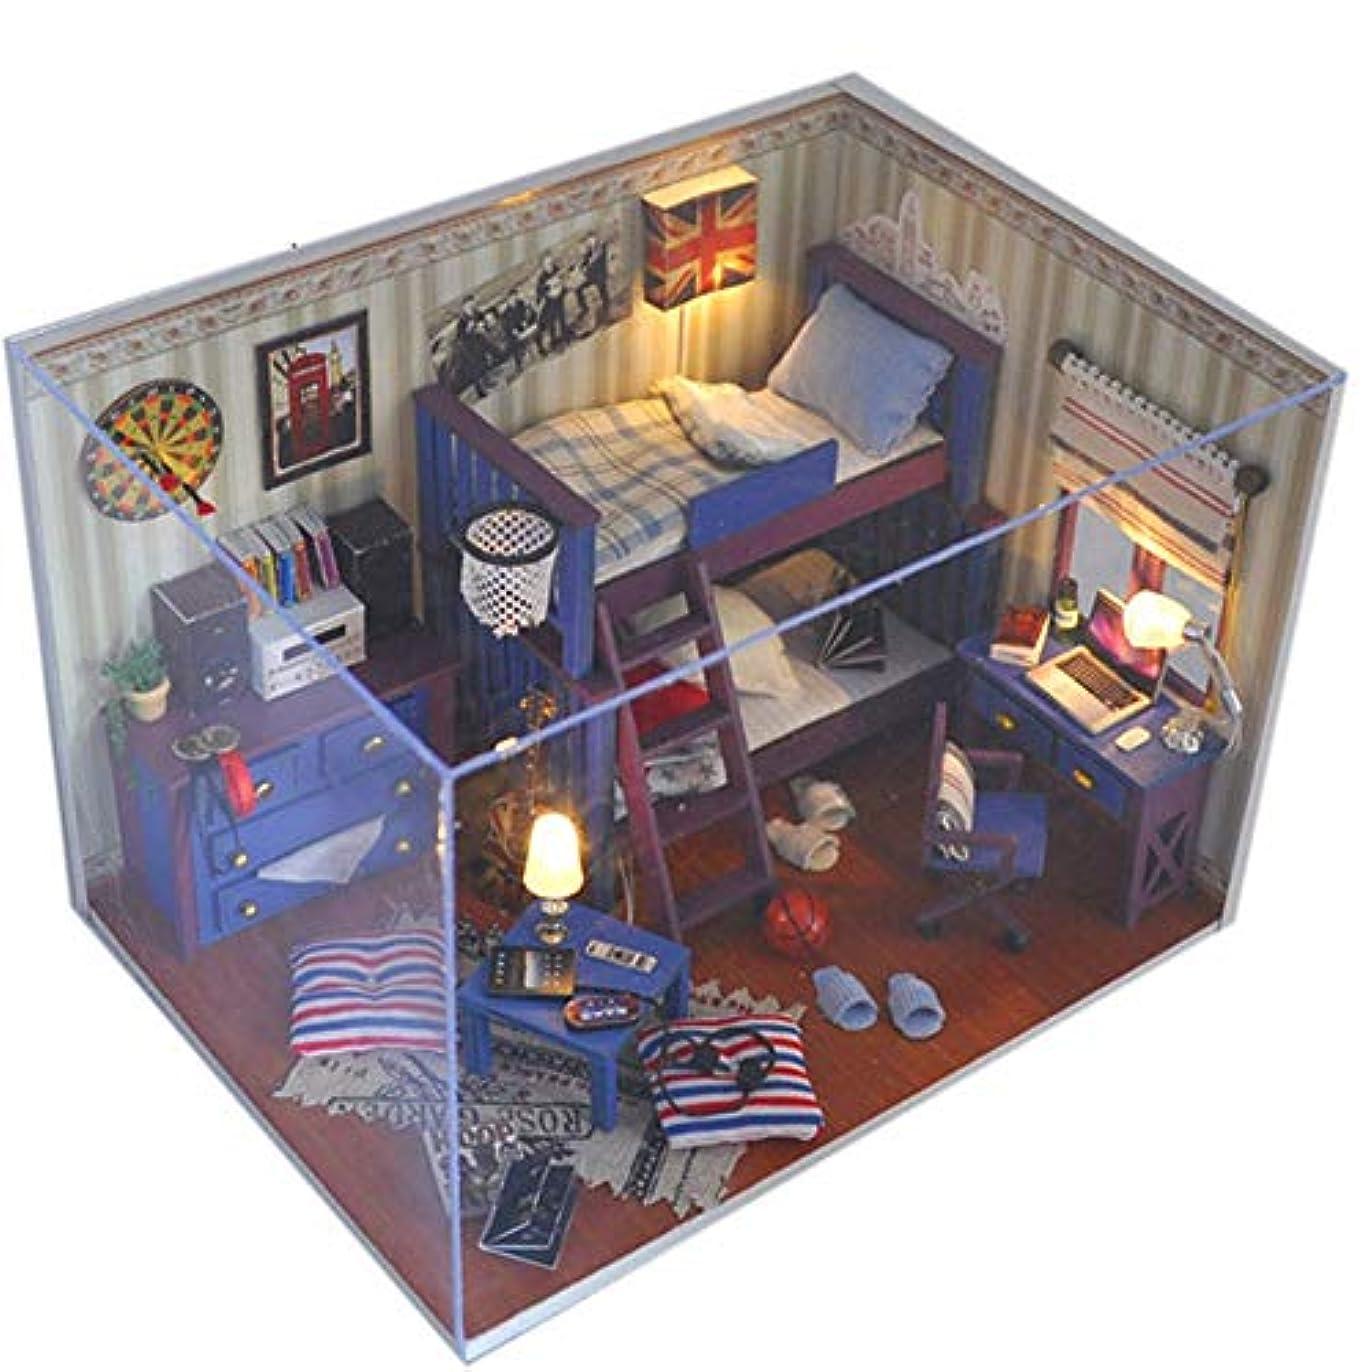 高める摂氏バブルドールハウス DiyのドールハウスDiyのドールハウスミニ手作りキット用女の子キャビンおとぎ話家の装飾家ドルミニチュアキットブルー手動労働組み立てられた建物モデルおもちゃクリエイティブ誕生日木製 最えベストの装飾です